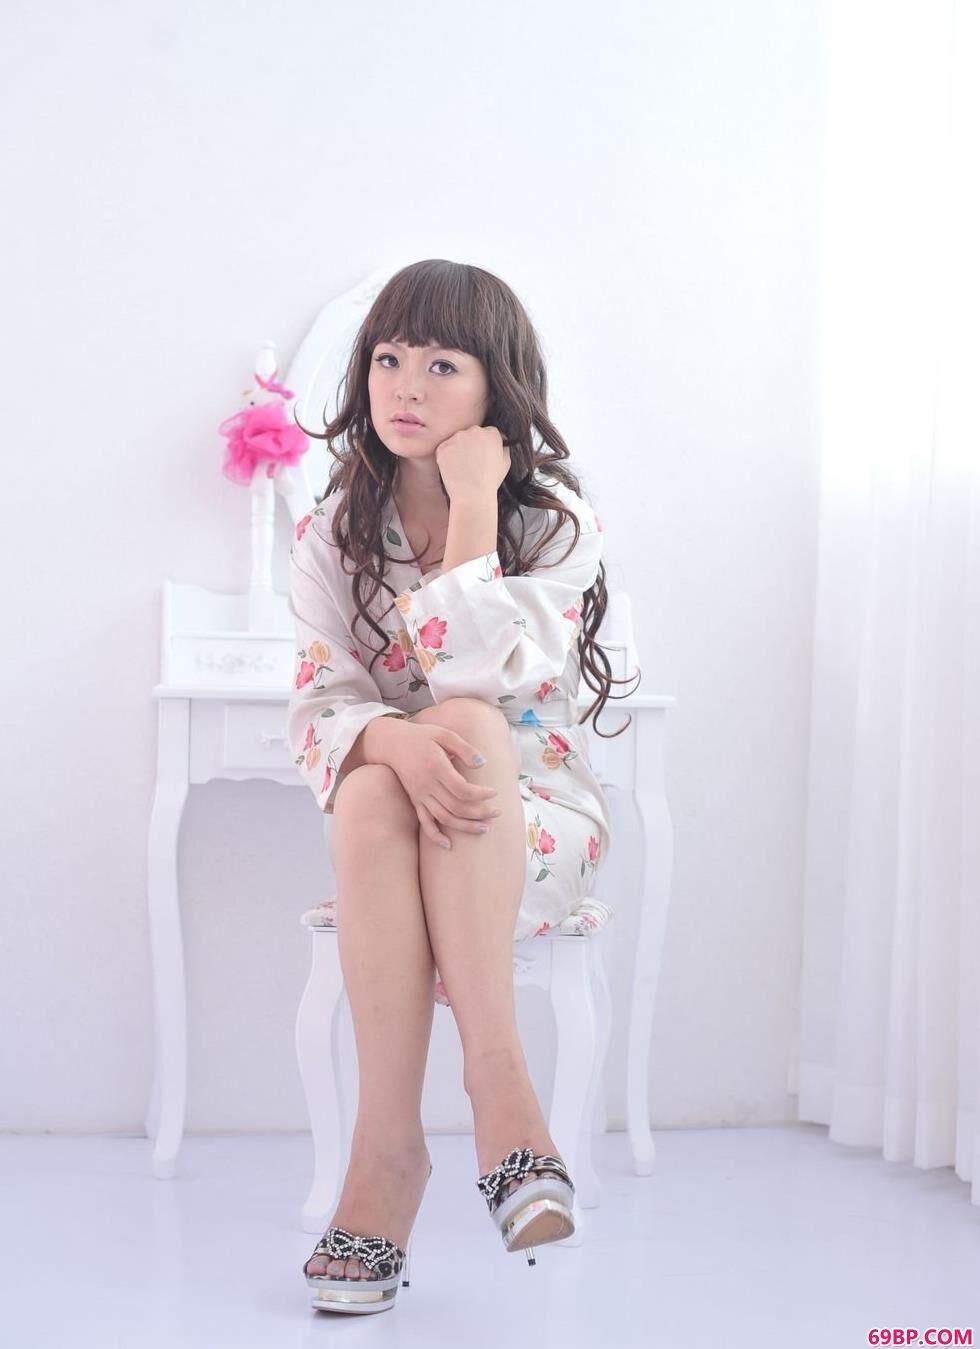 美女人体模特_超模苏茜梳妆镜前的粉色勾人美体